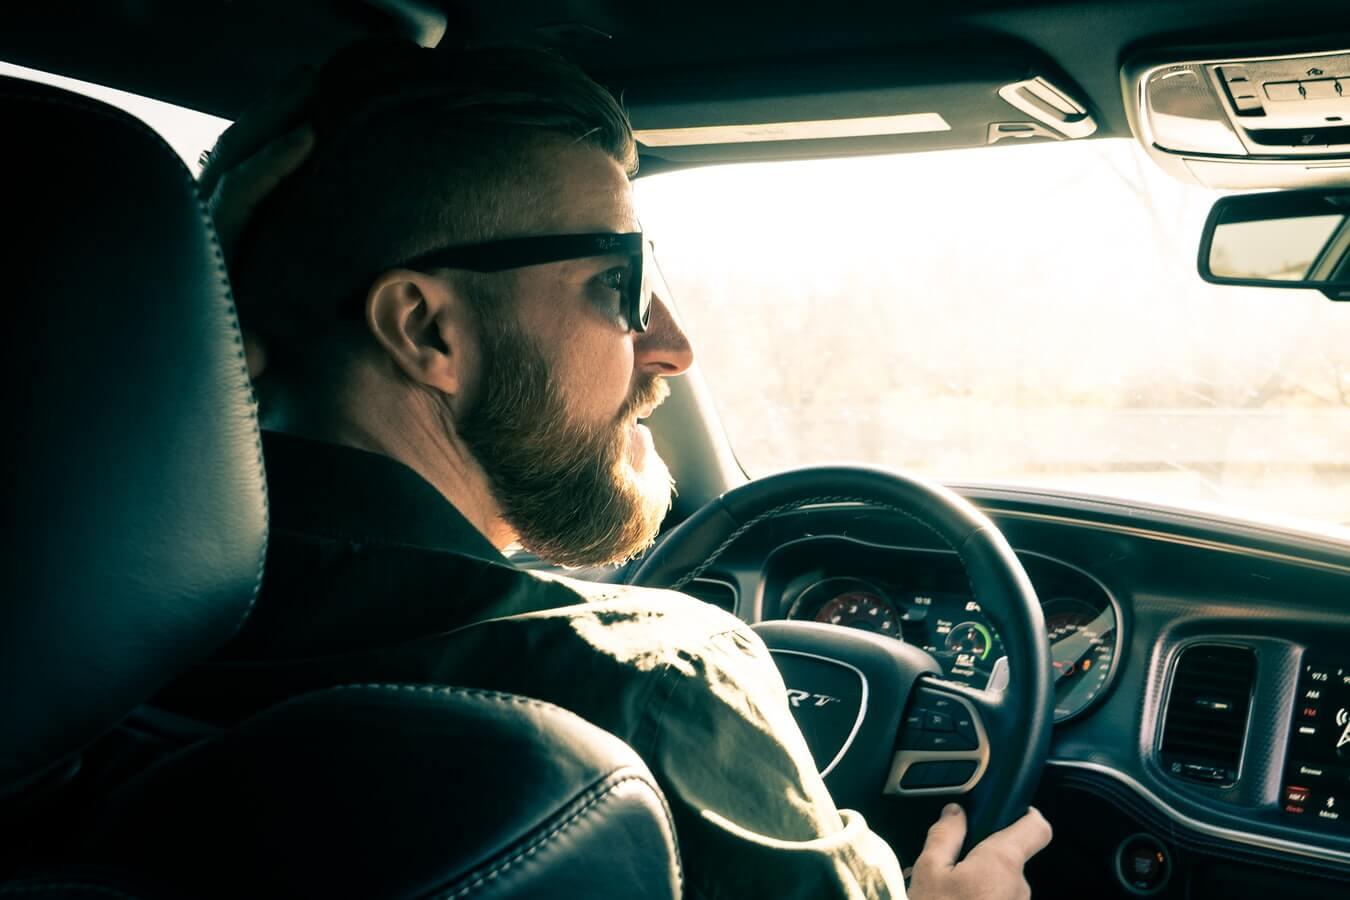 Imagem mostra um homem dentro de um carro, dirigindo